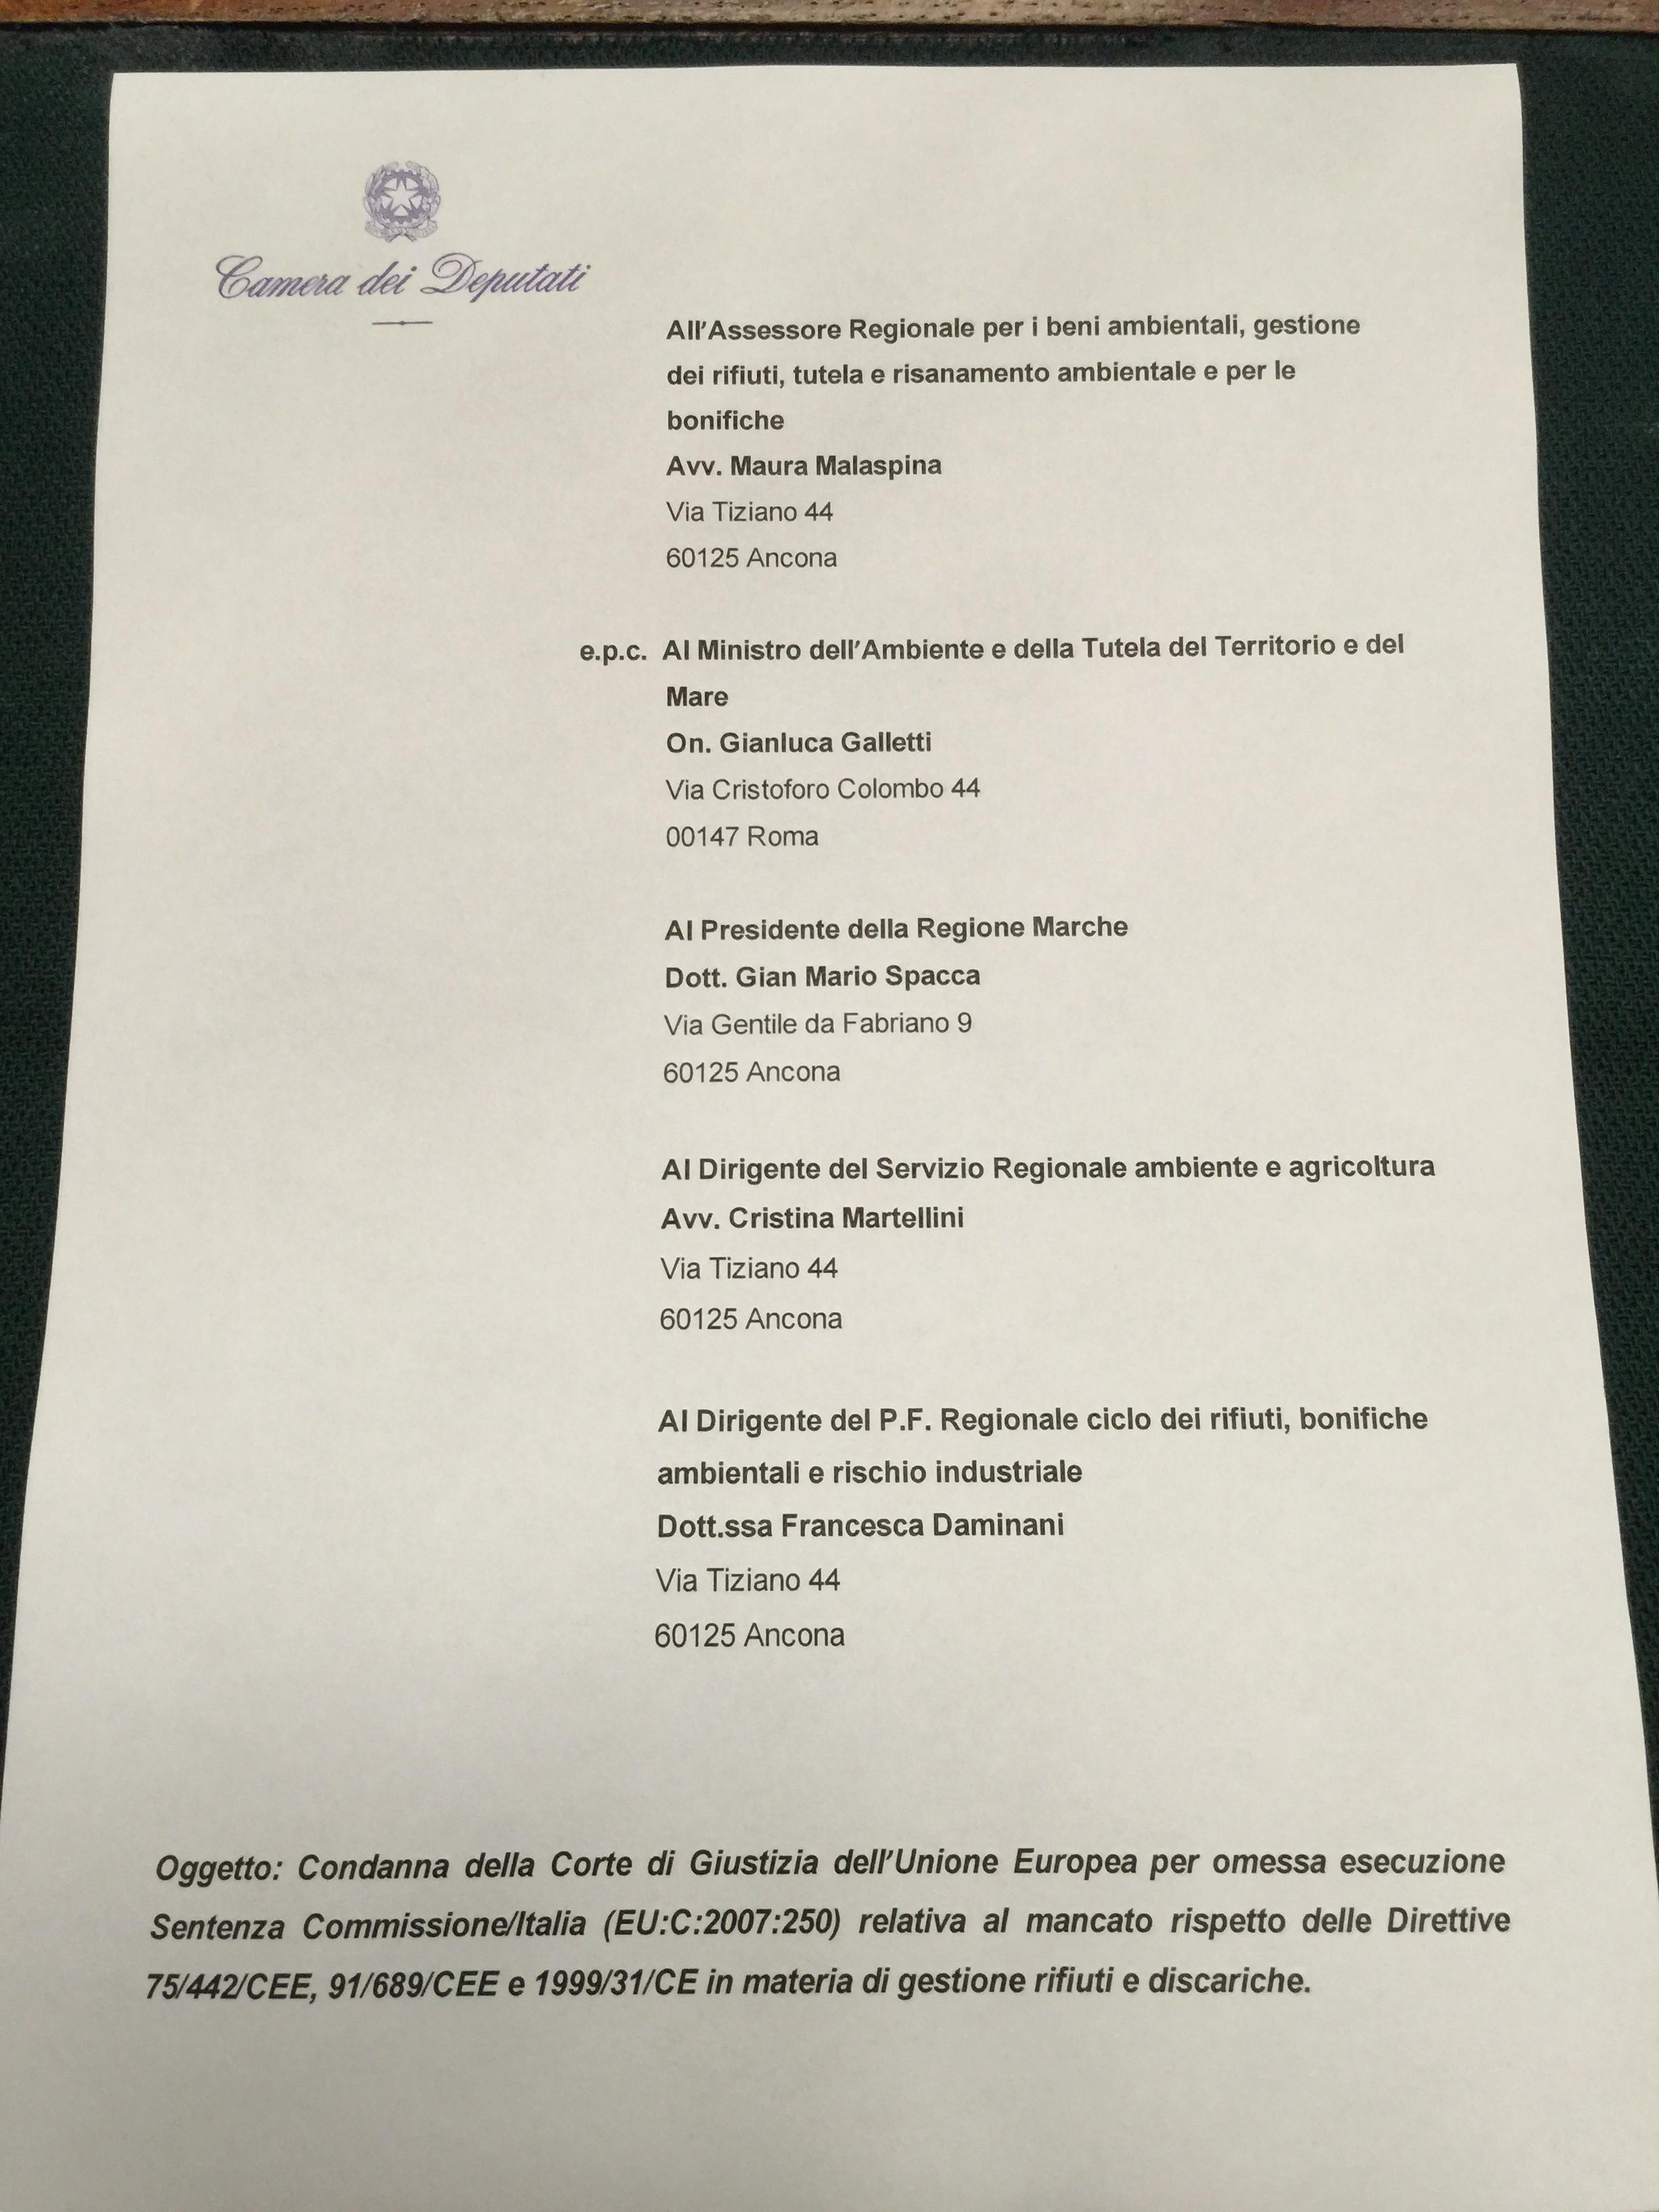 DISCARICA ABUSIVA DI ASCOLI PICENO: LETTERA APERTA A SPACCA E ALL'ASSESSORE MALASPINA